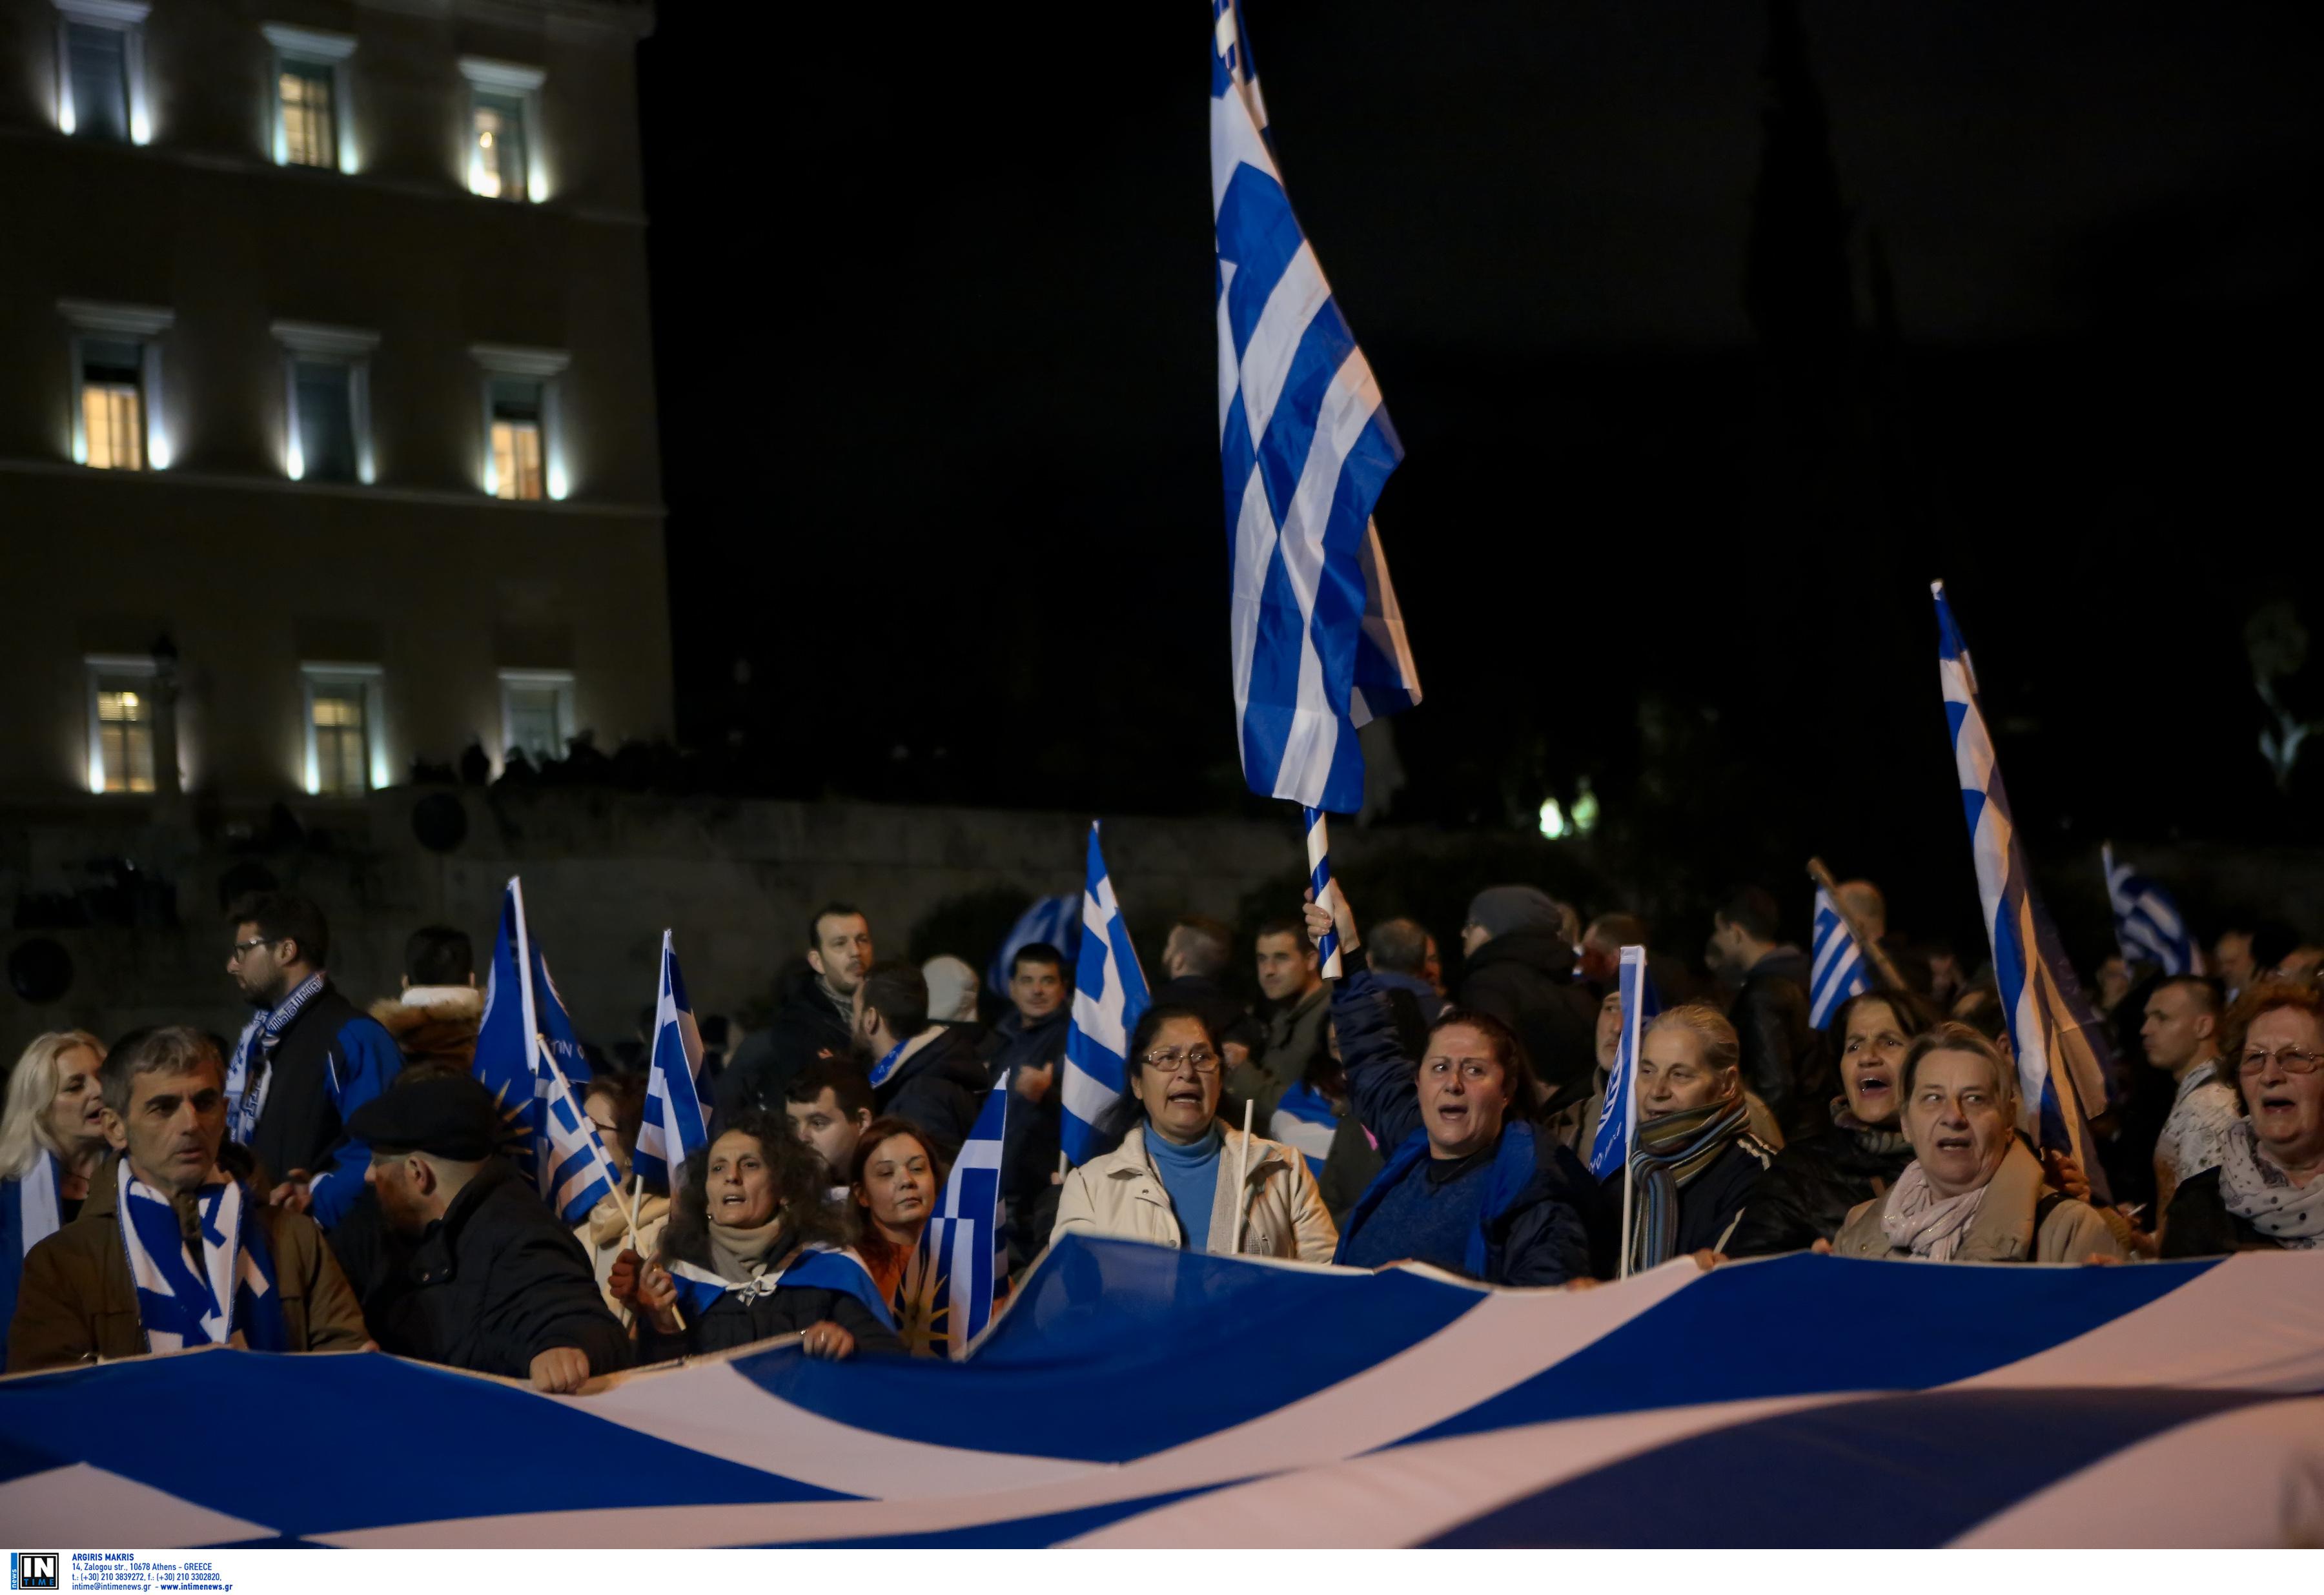 entasi-kai-chimika-sto-syntagma-amp-8211-se-10-syllipseis-kai-133-prosagoges-prochorise-i-elas-fotografies-vinteo10